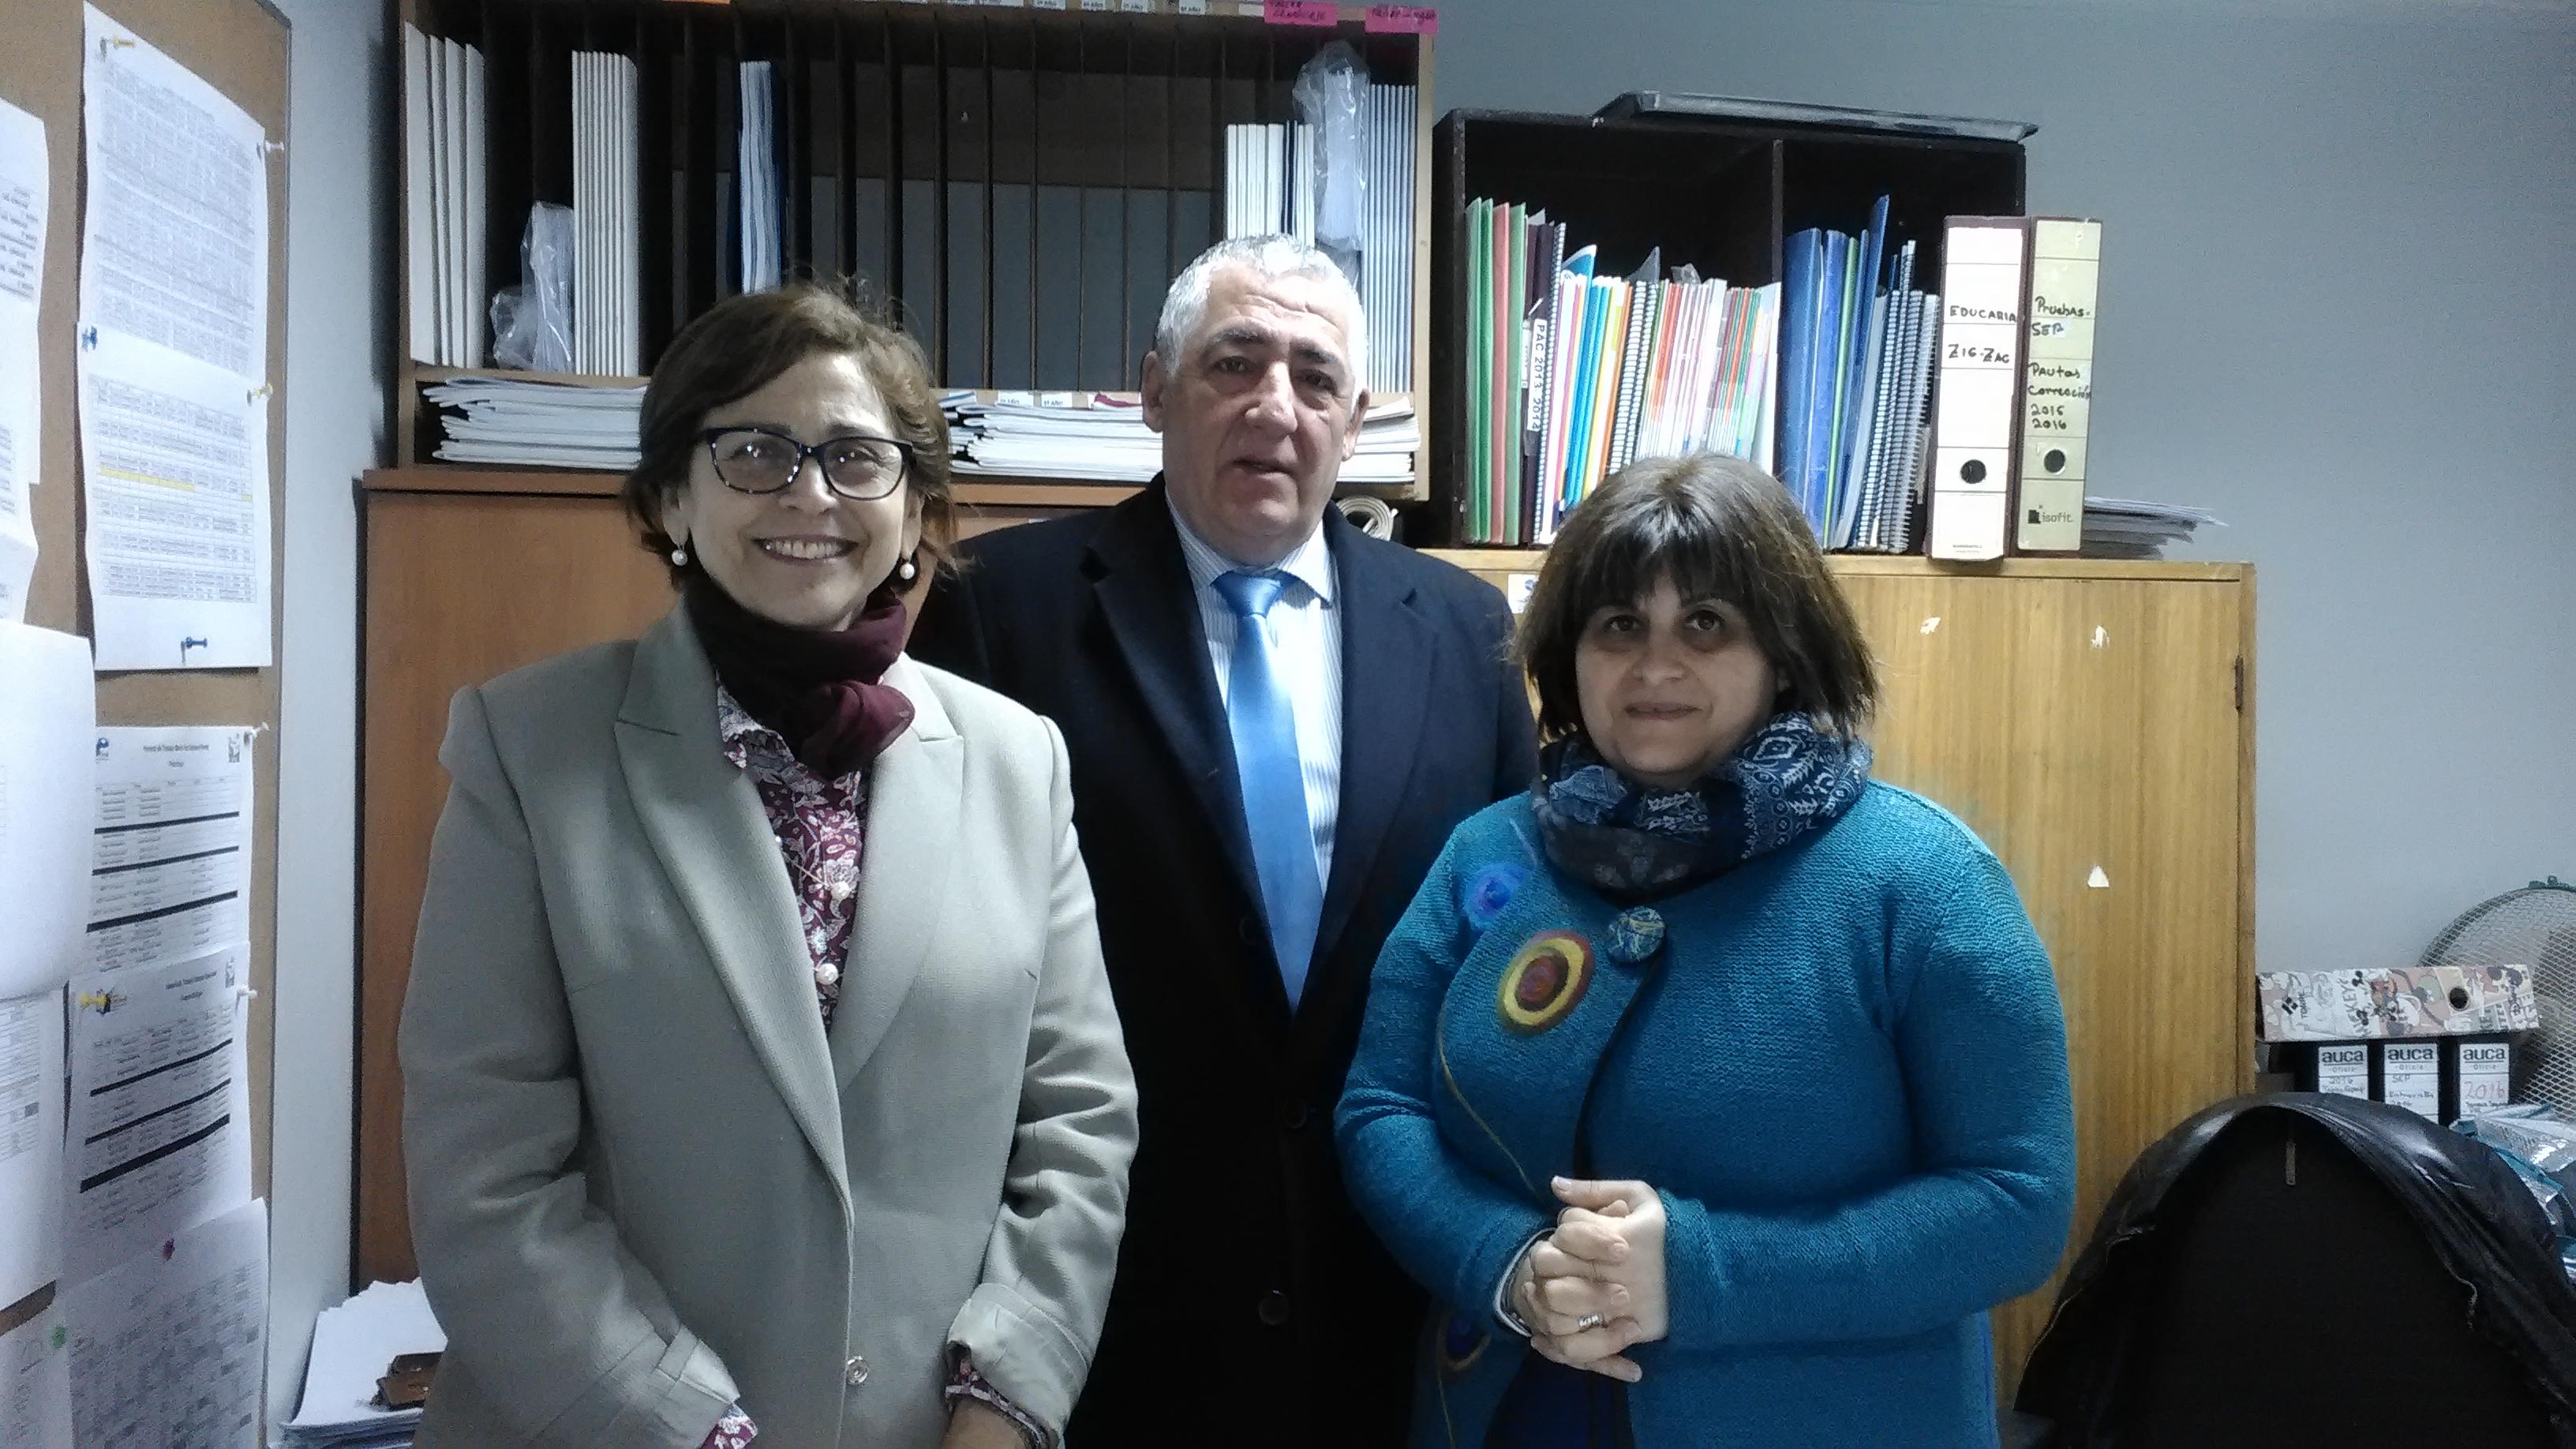 Escuela Pablo Neruda_22.8.16_1